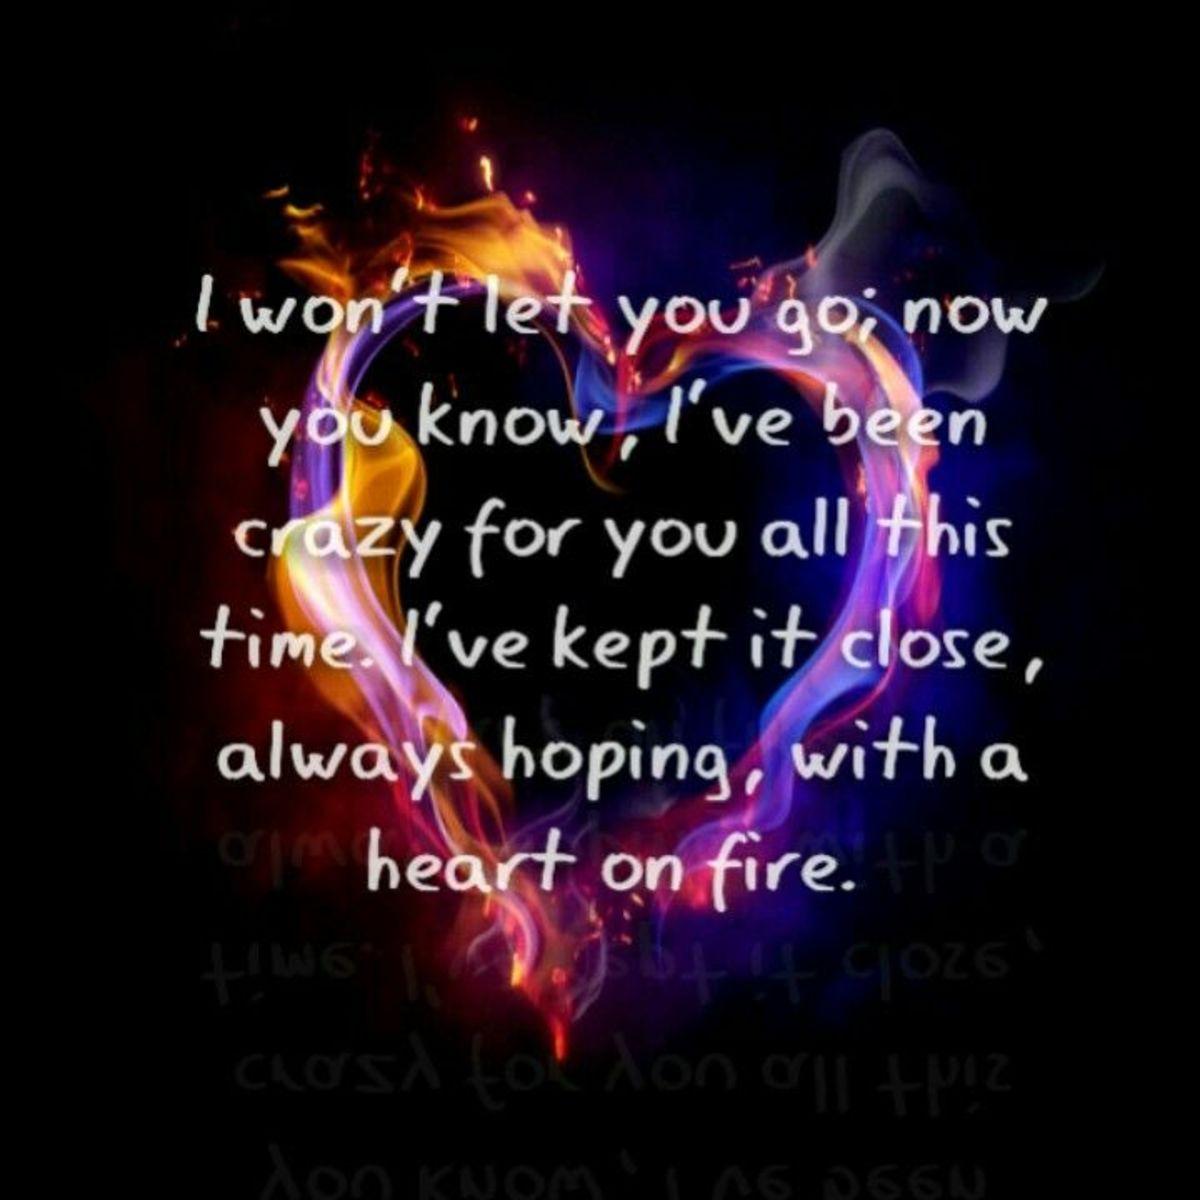 My Heart is on Fire by Manatita